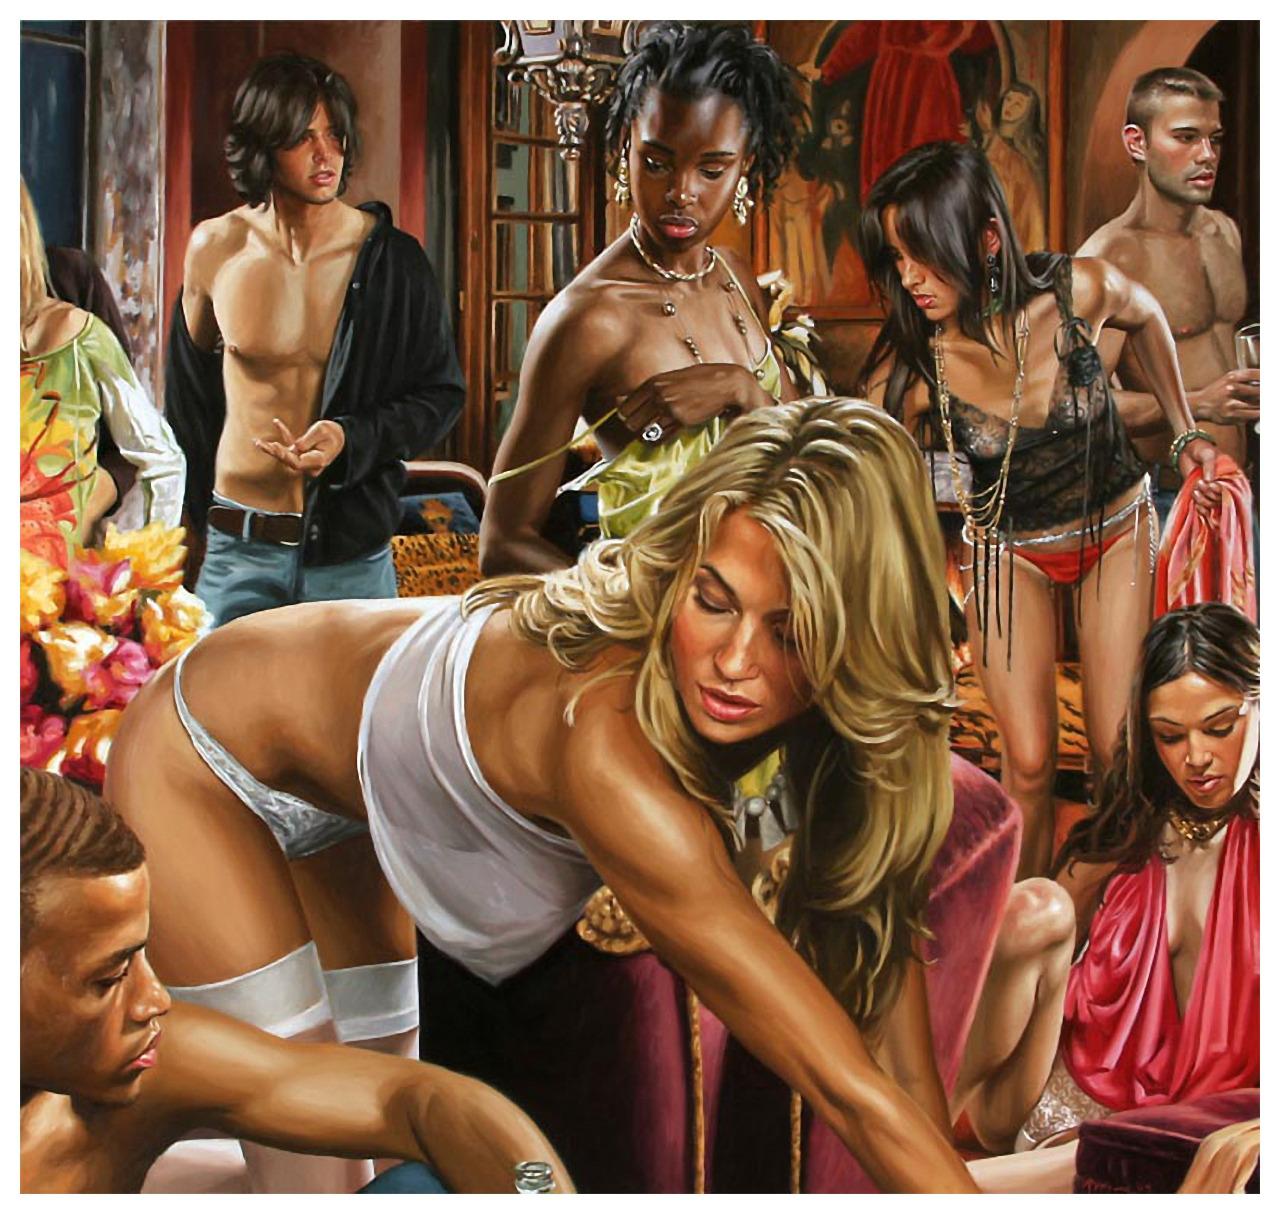 Секс на гламурной вечеринке 8 фотография